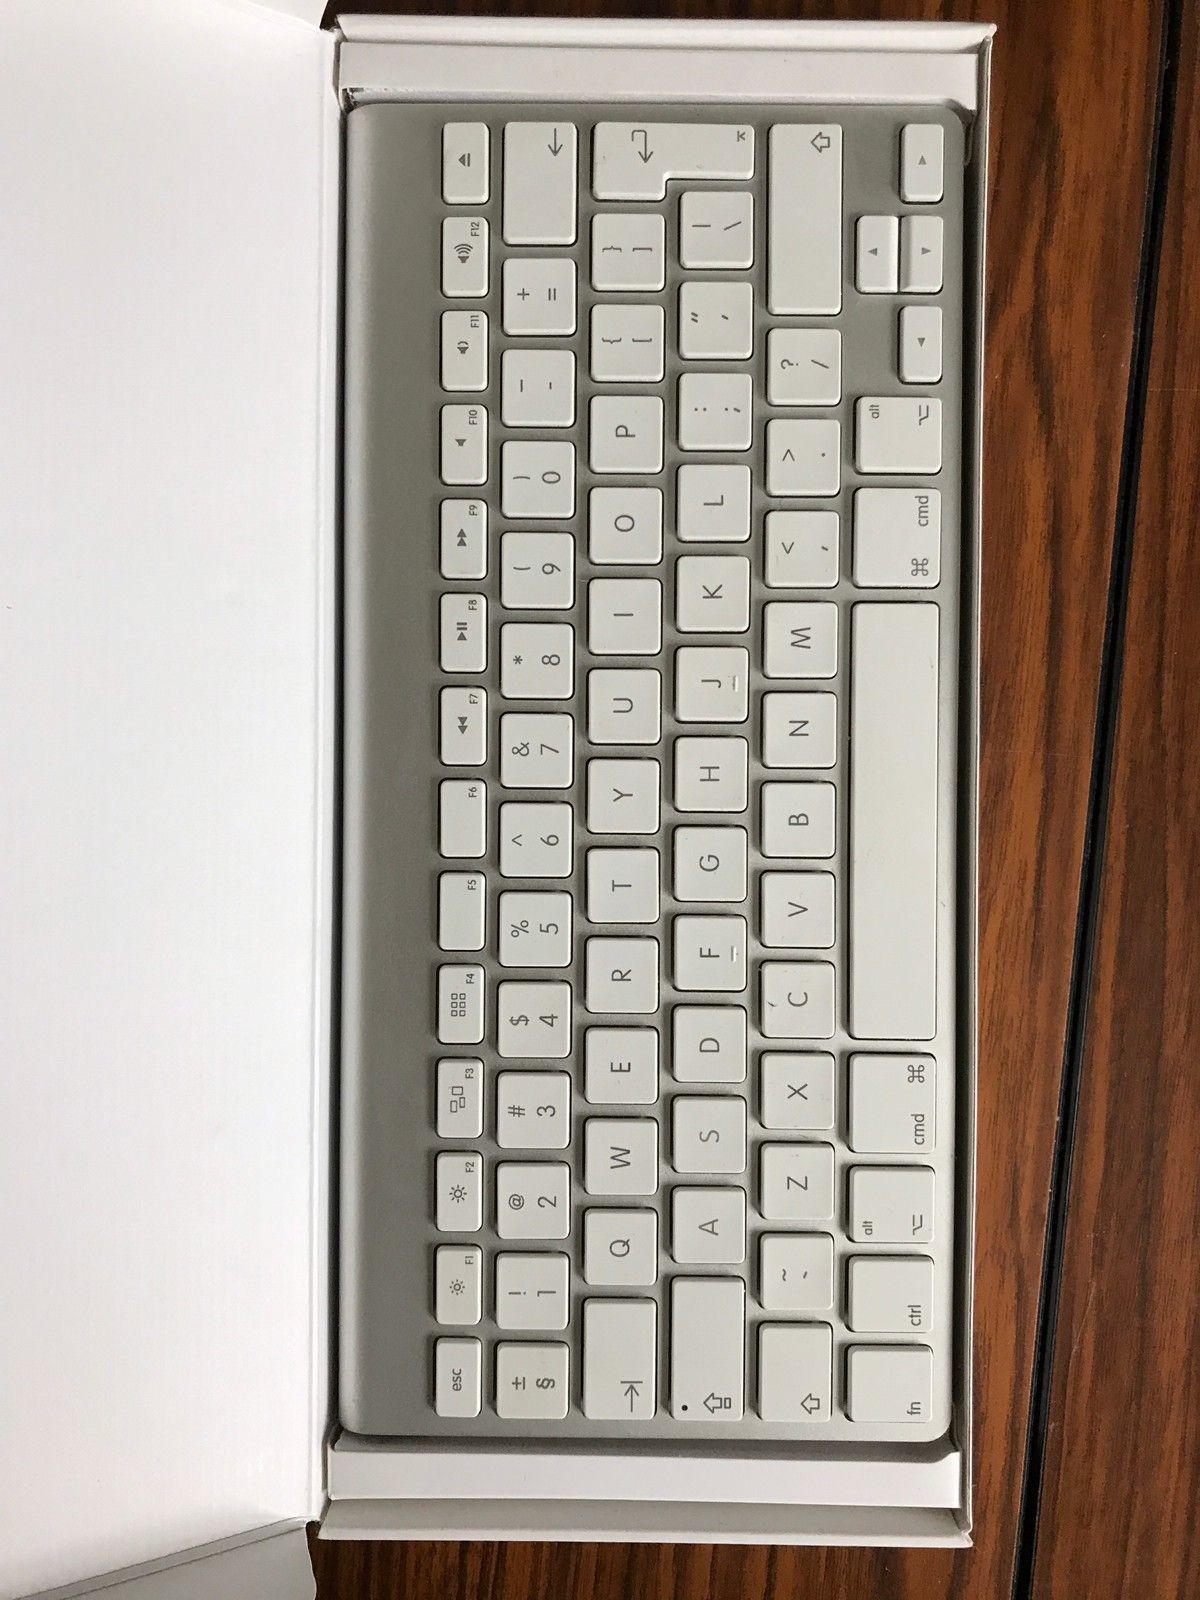 Apple Wireless Keyboard   FINN.no